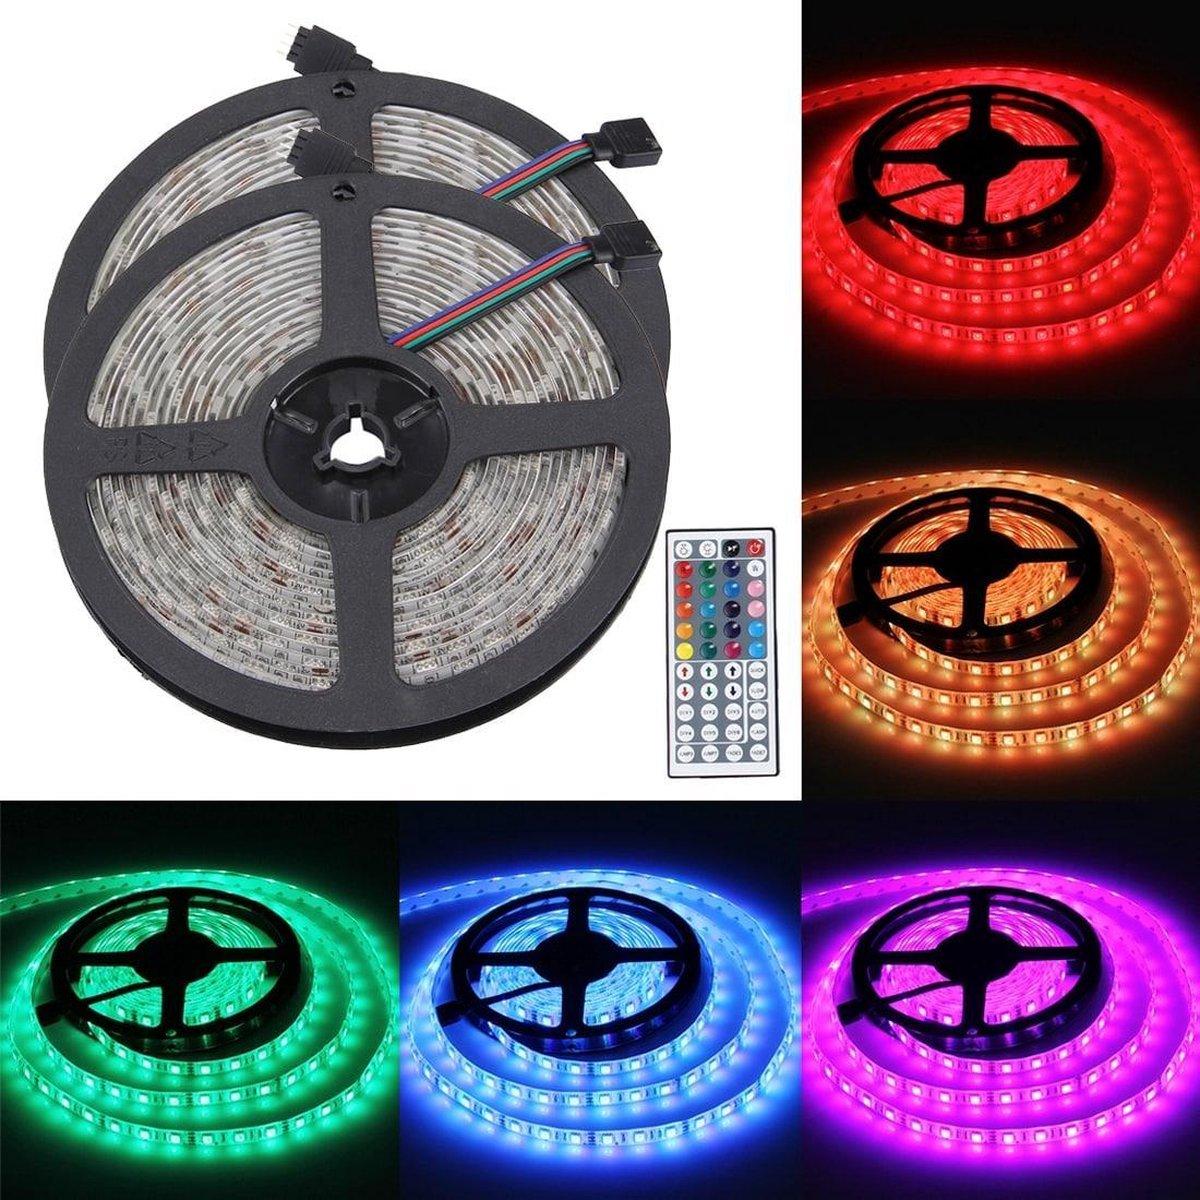 2 stuks Epoxy waterdichte lichtstrip, lengte: 5m, 5050 SMD LED RGB licht met voedingsvermogen en afstandsbediening, 60 LED / m, DC 12V